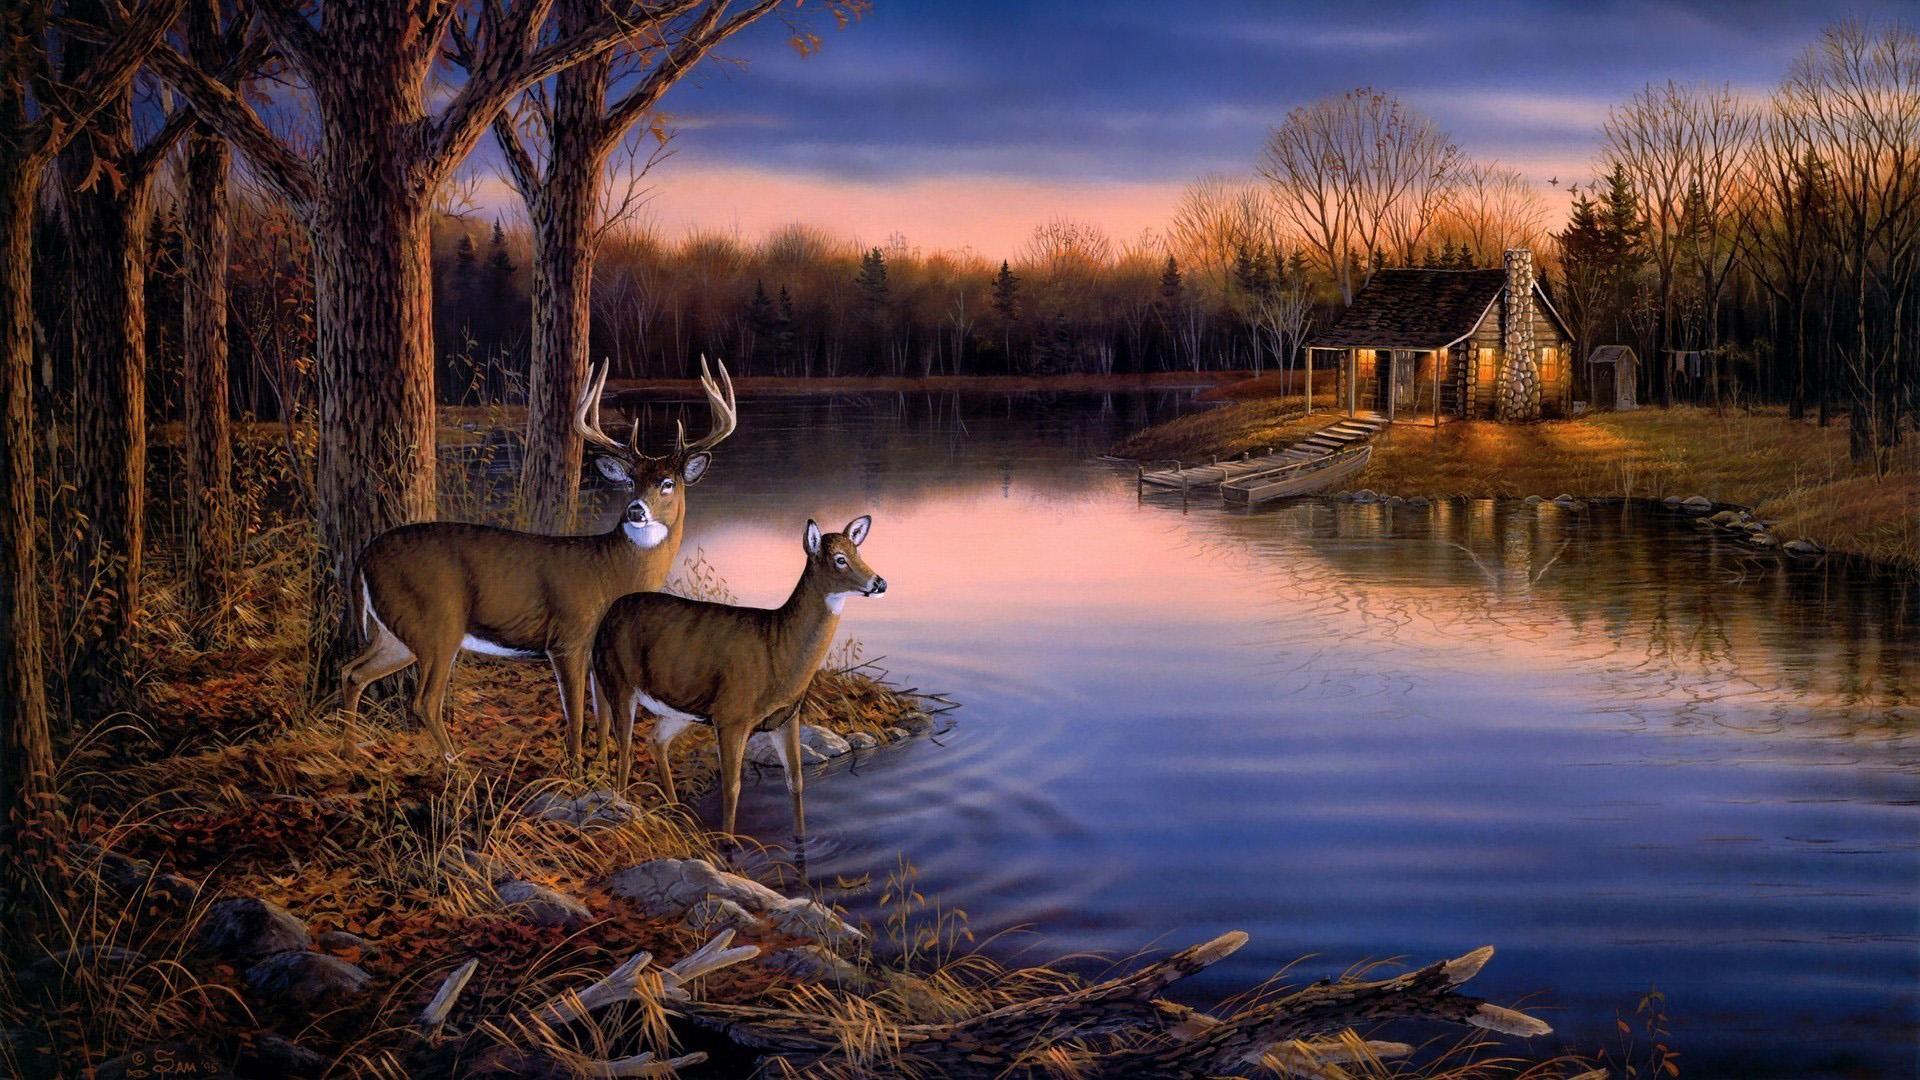 deer hunting wallpaper border